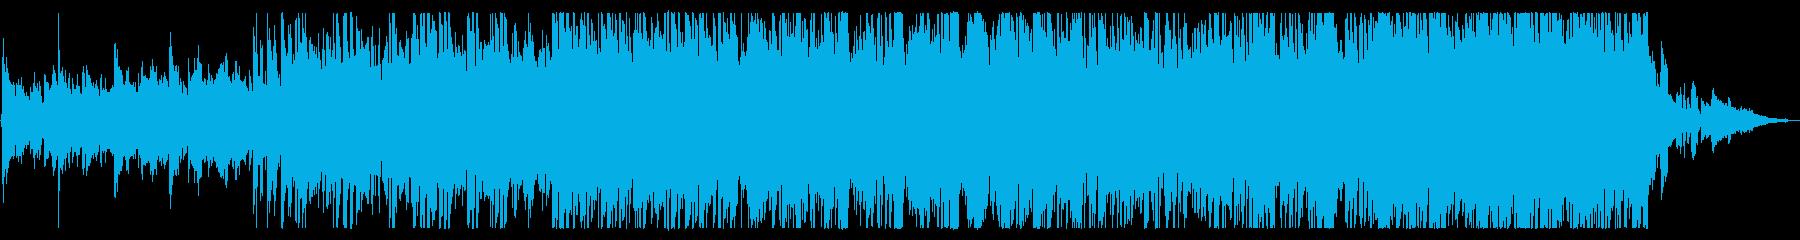 カントリー調の、さわやかで活気のある曲の再生済みの波形